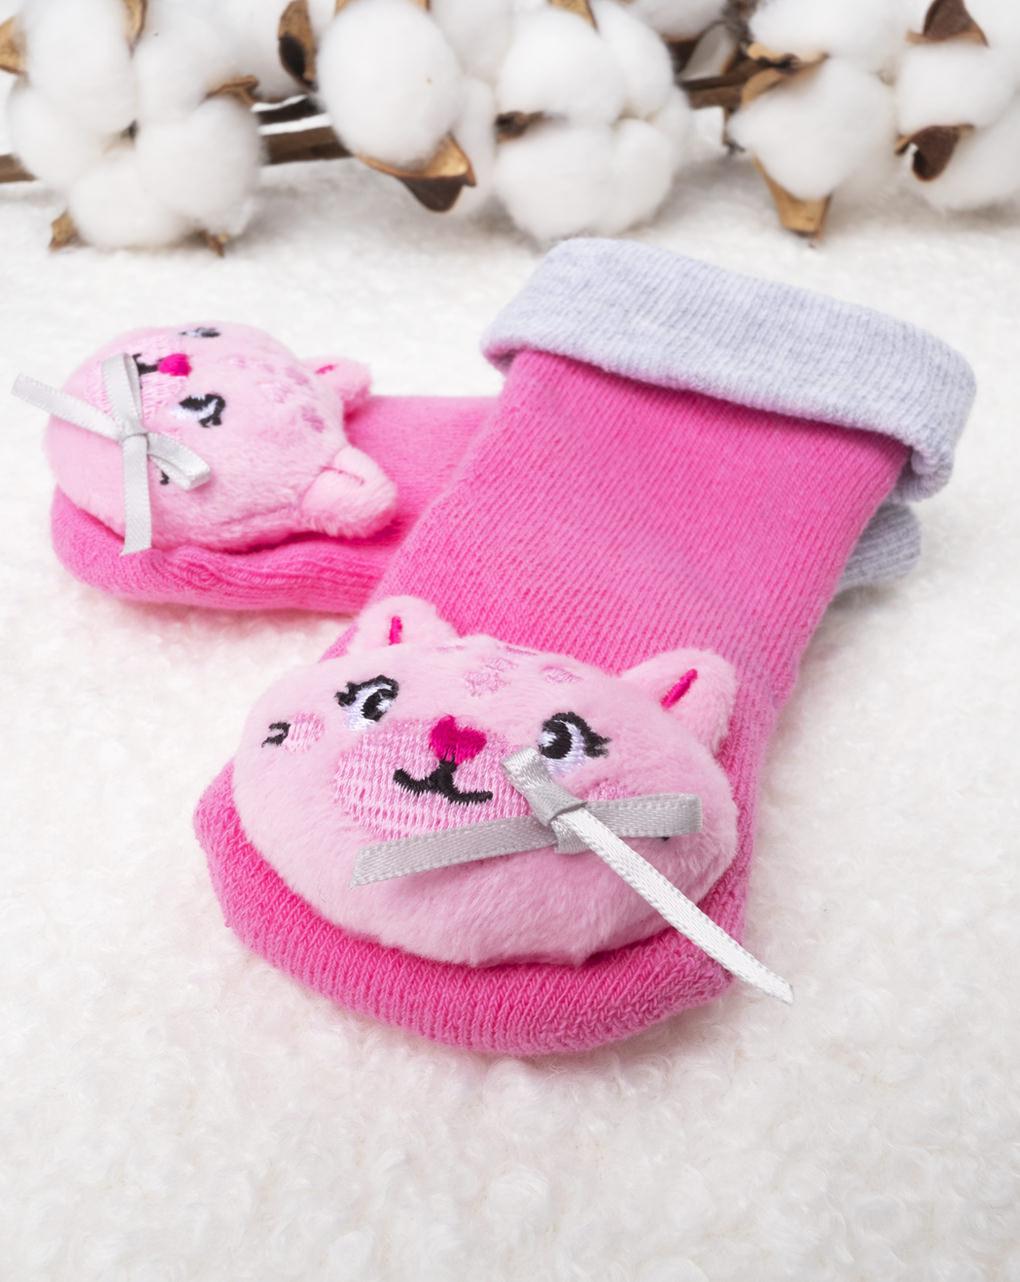 Meias de menina com chocalho rosa - Prénatal